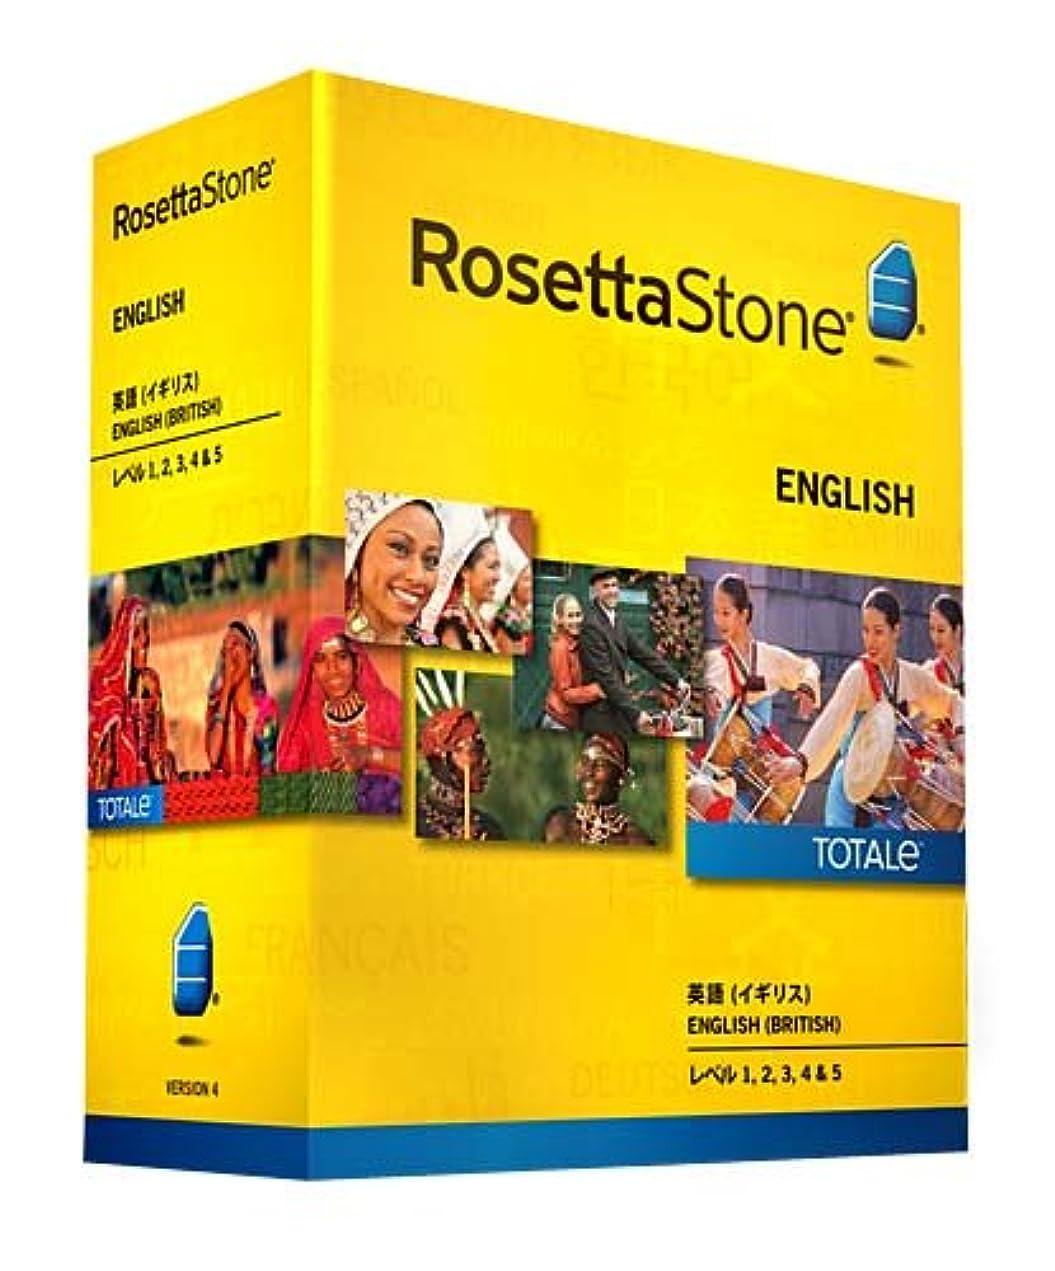 会計士頼る頑固なロゼッタストーン 英語(イギリス)レベル1、2、3、4&5セット v4 TOTALe オンライン15か月版(旧価格版)